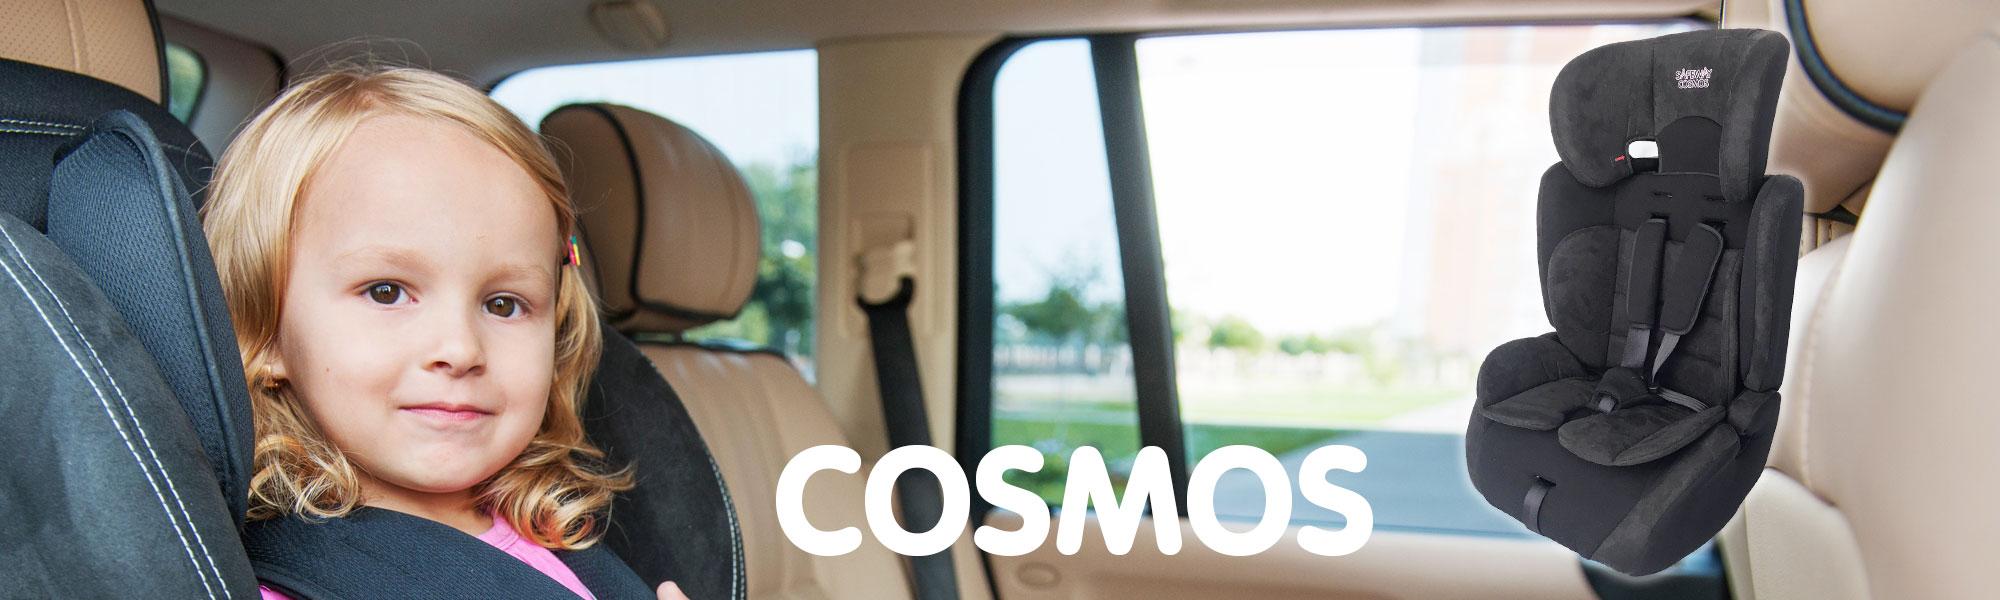 Cosmos-2000x600